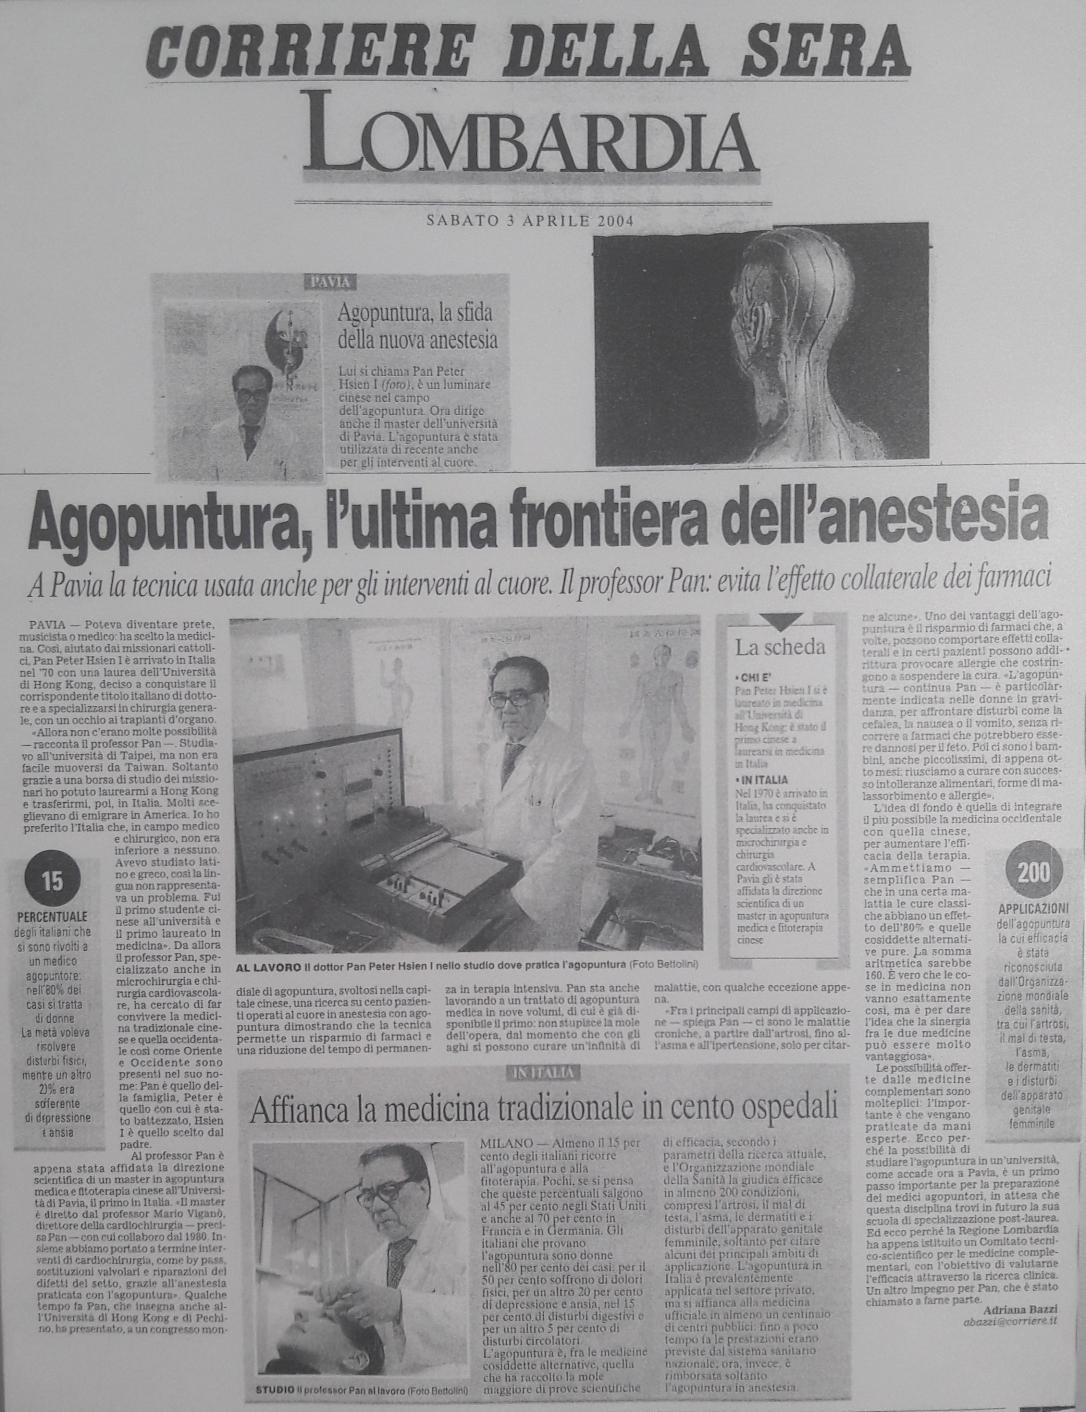 Agopuntura, l'ultima frontiera dell'anestesia